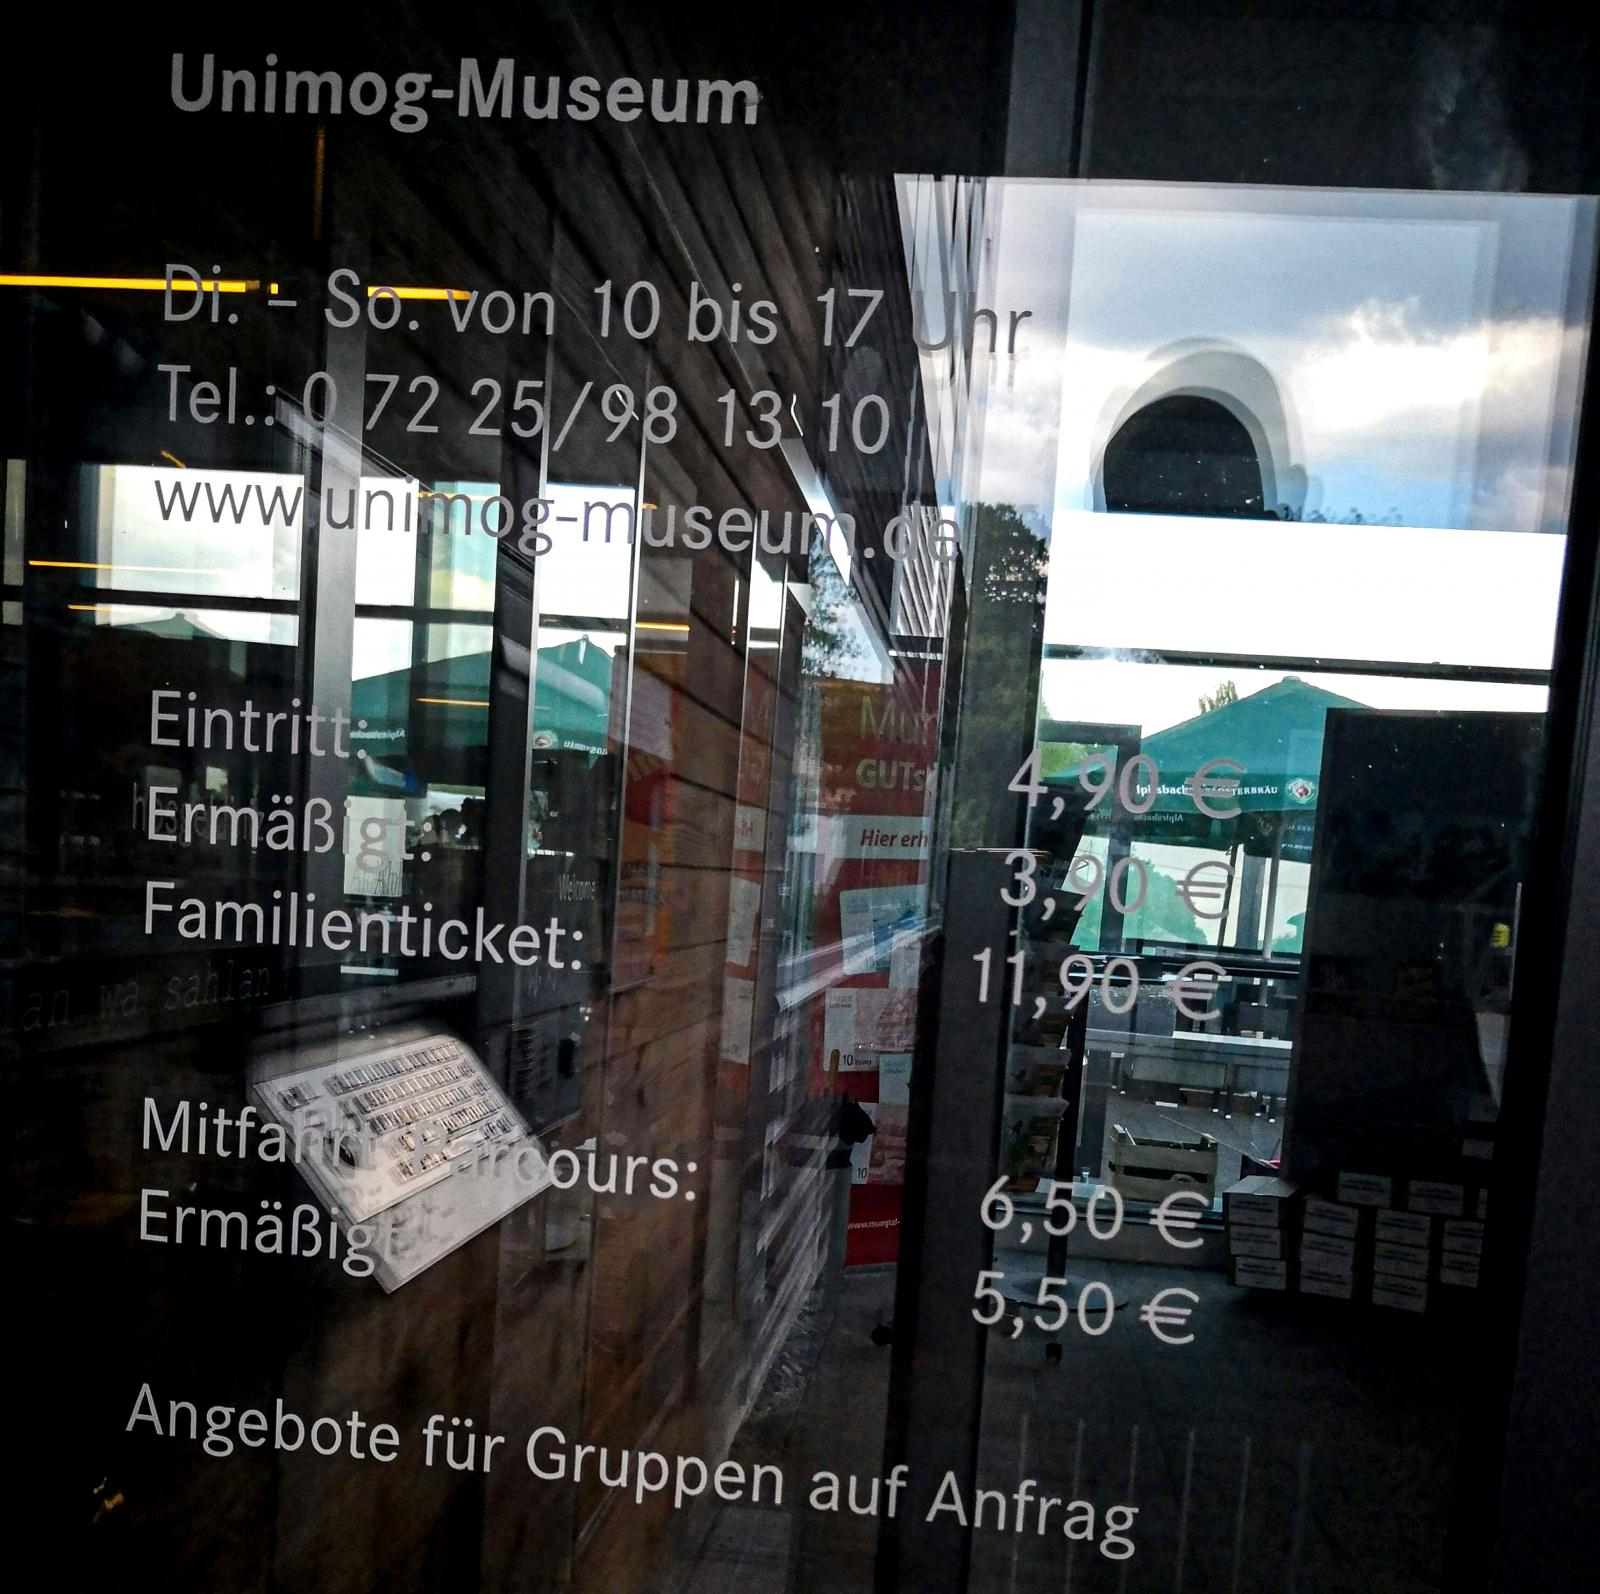 Unimog-Museum är inget jättestort museum men ändå klart intressant då det finns många spännande historier kring varumärket.